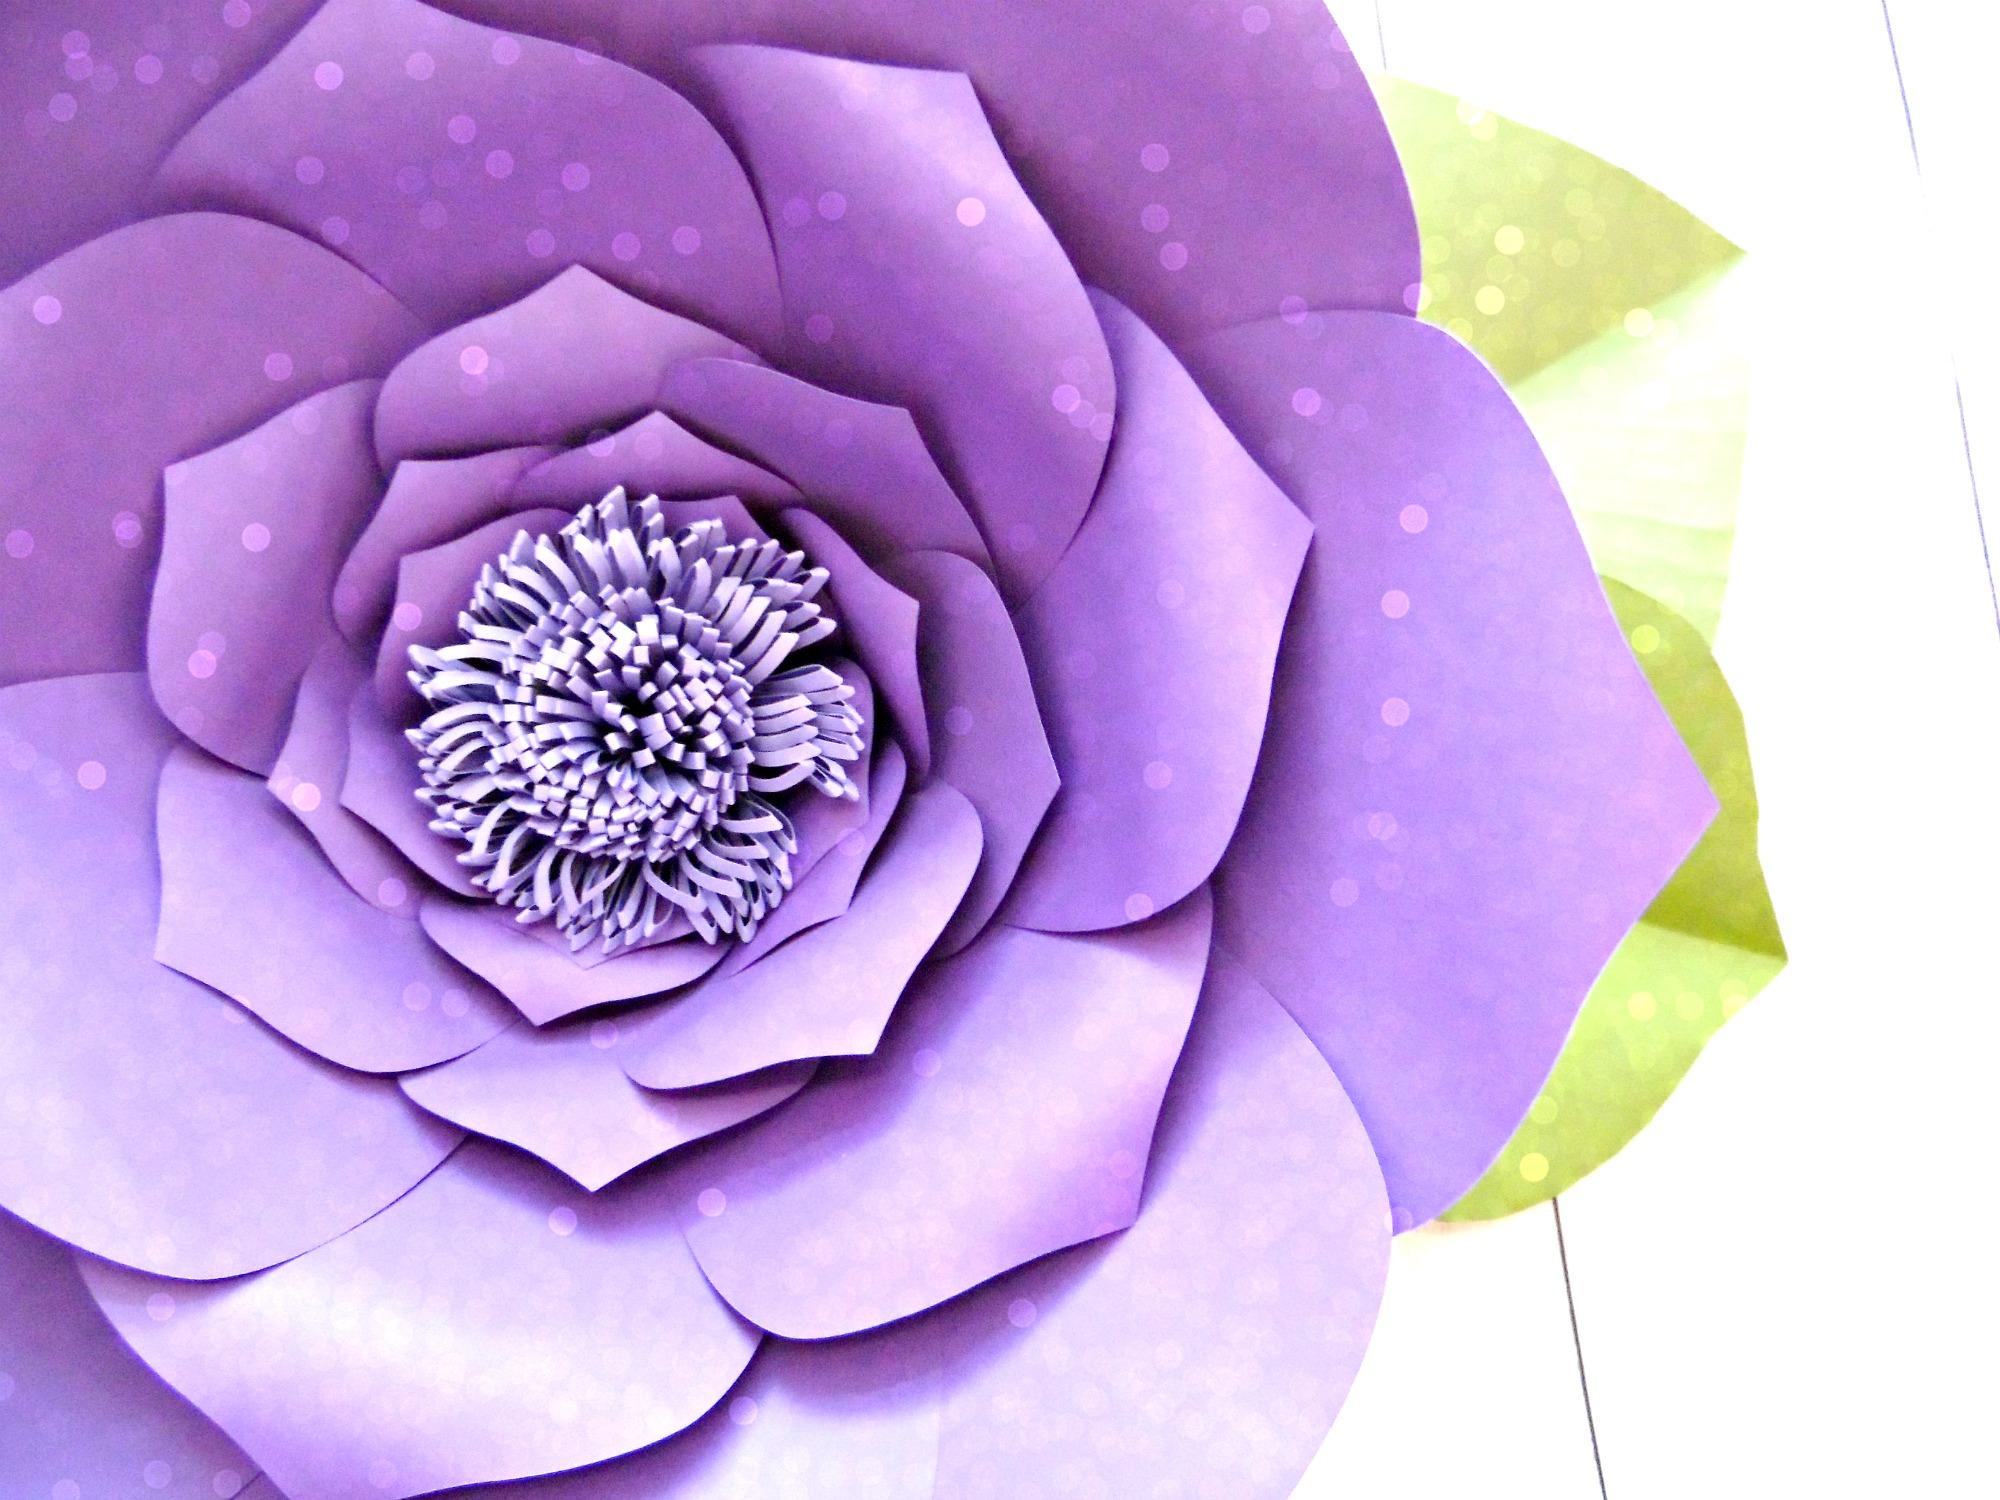 photo regarding Free Printable Flower Templates titled Free of charge Flower Template: How toward Produce Enormous Paper Bouquets